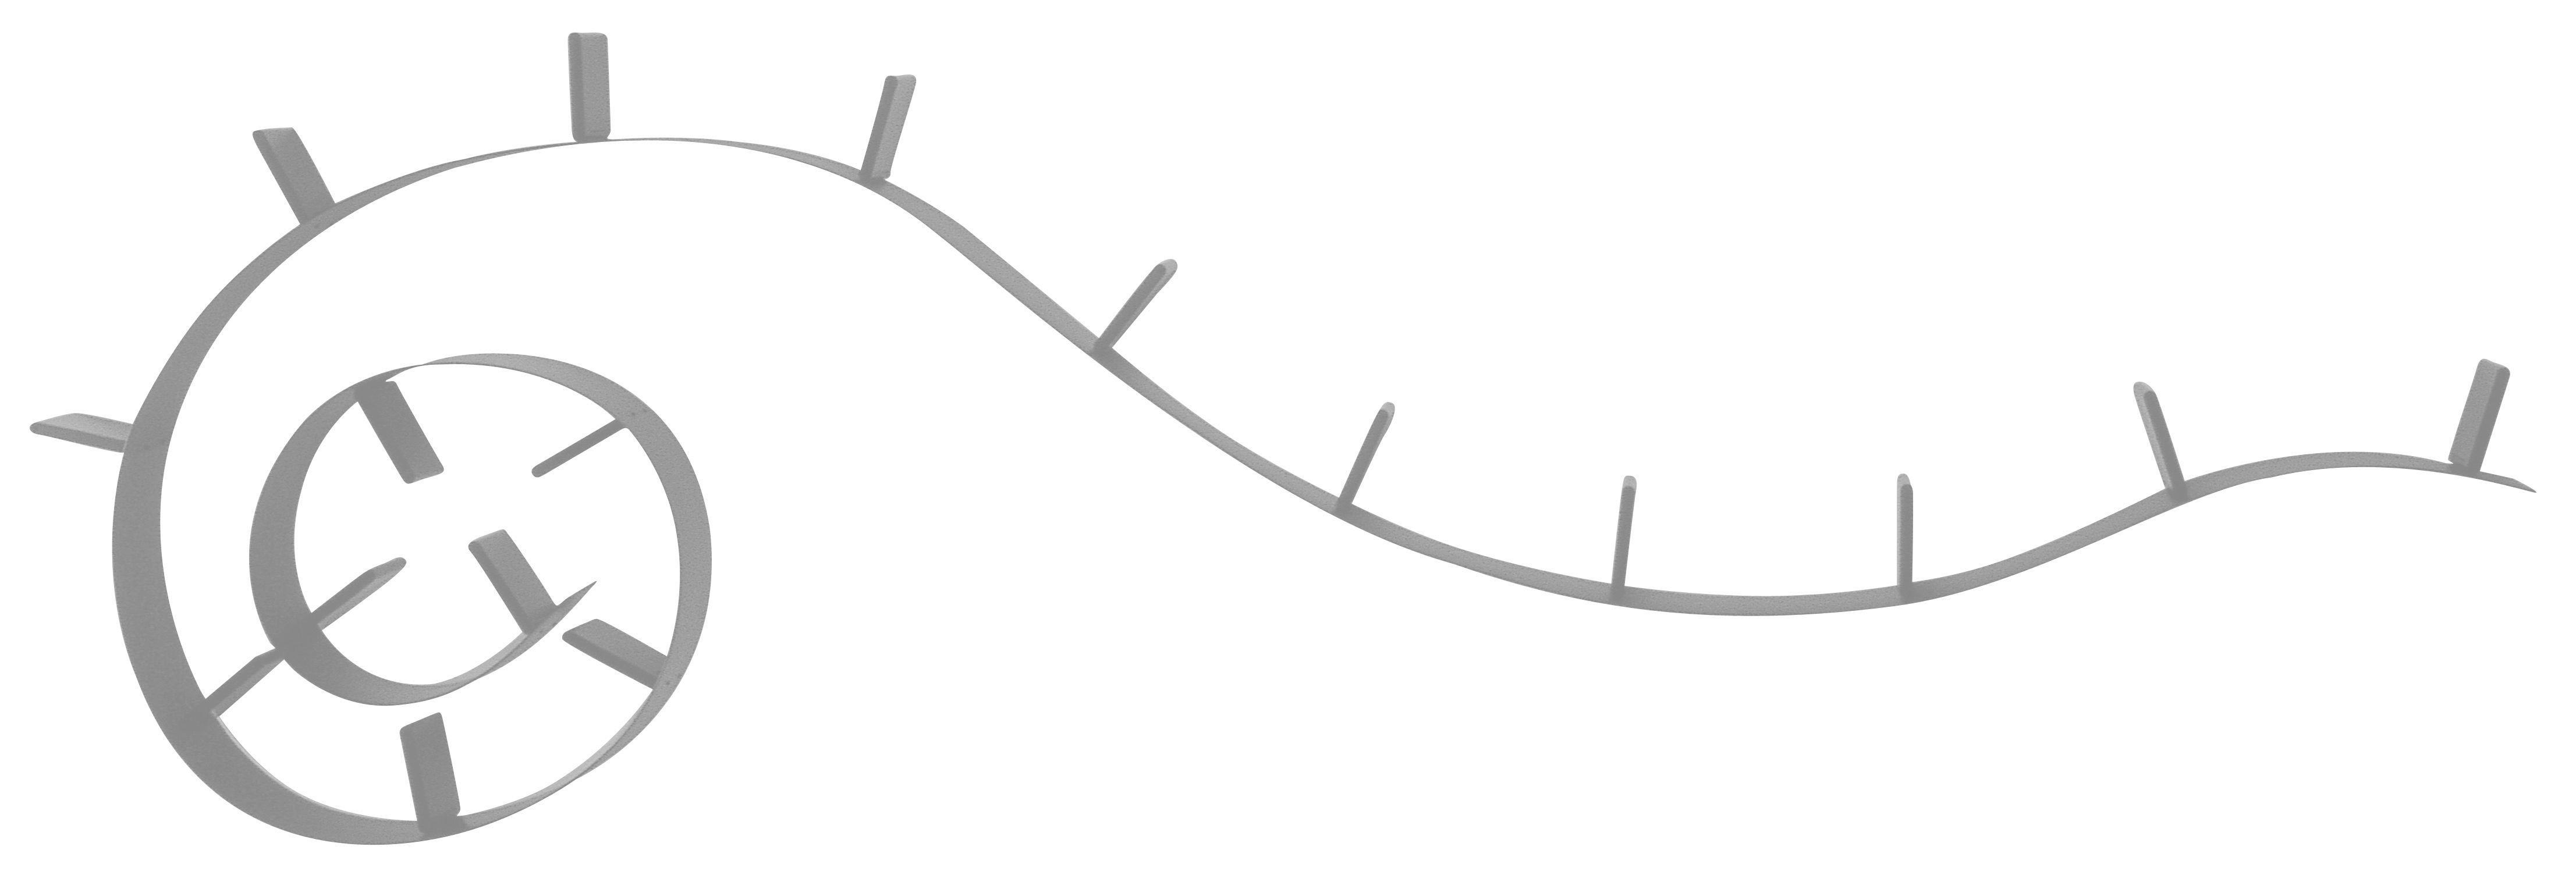 Mobilier - Etagères & bibliothèques - Etagère Bookworm / L 820 cm - Kartell - Aluminium - PVC